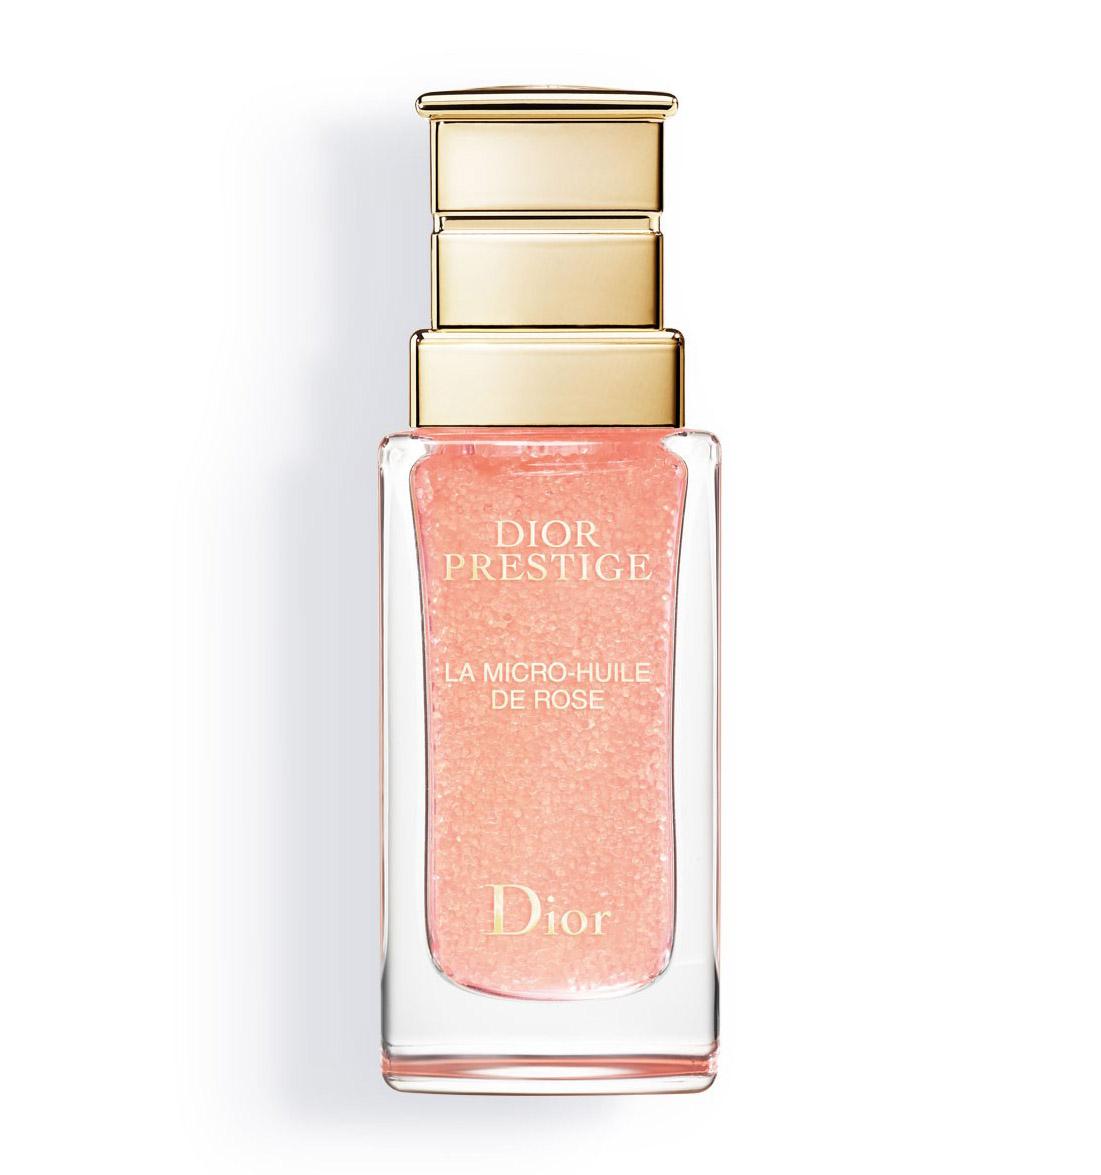 Christian Dior クリスチャンディオール プレステージ ユイル ド ローズ 30ml 美容液